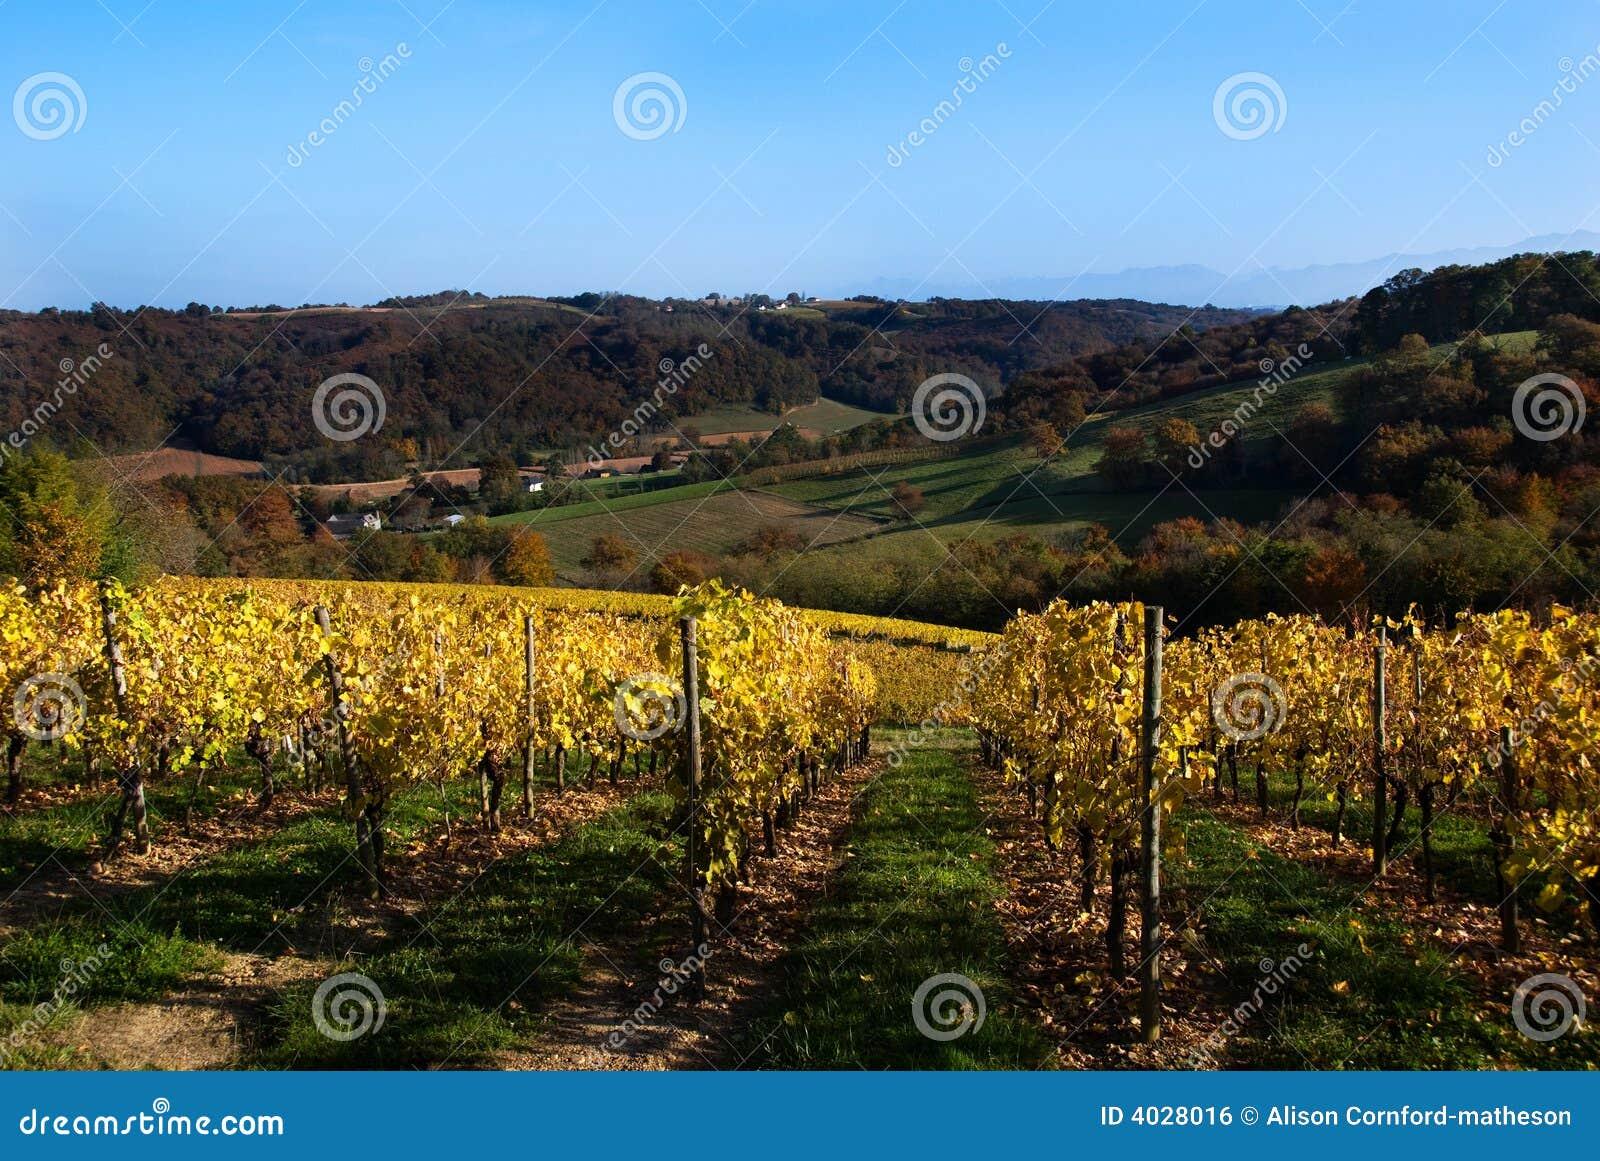 Vigne nel sud-ovest Francia